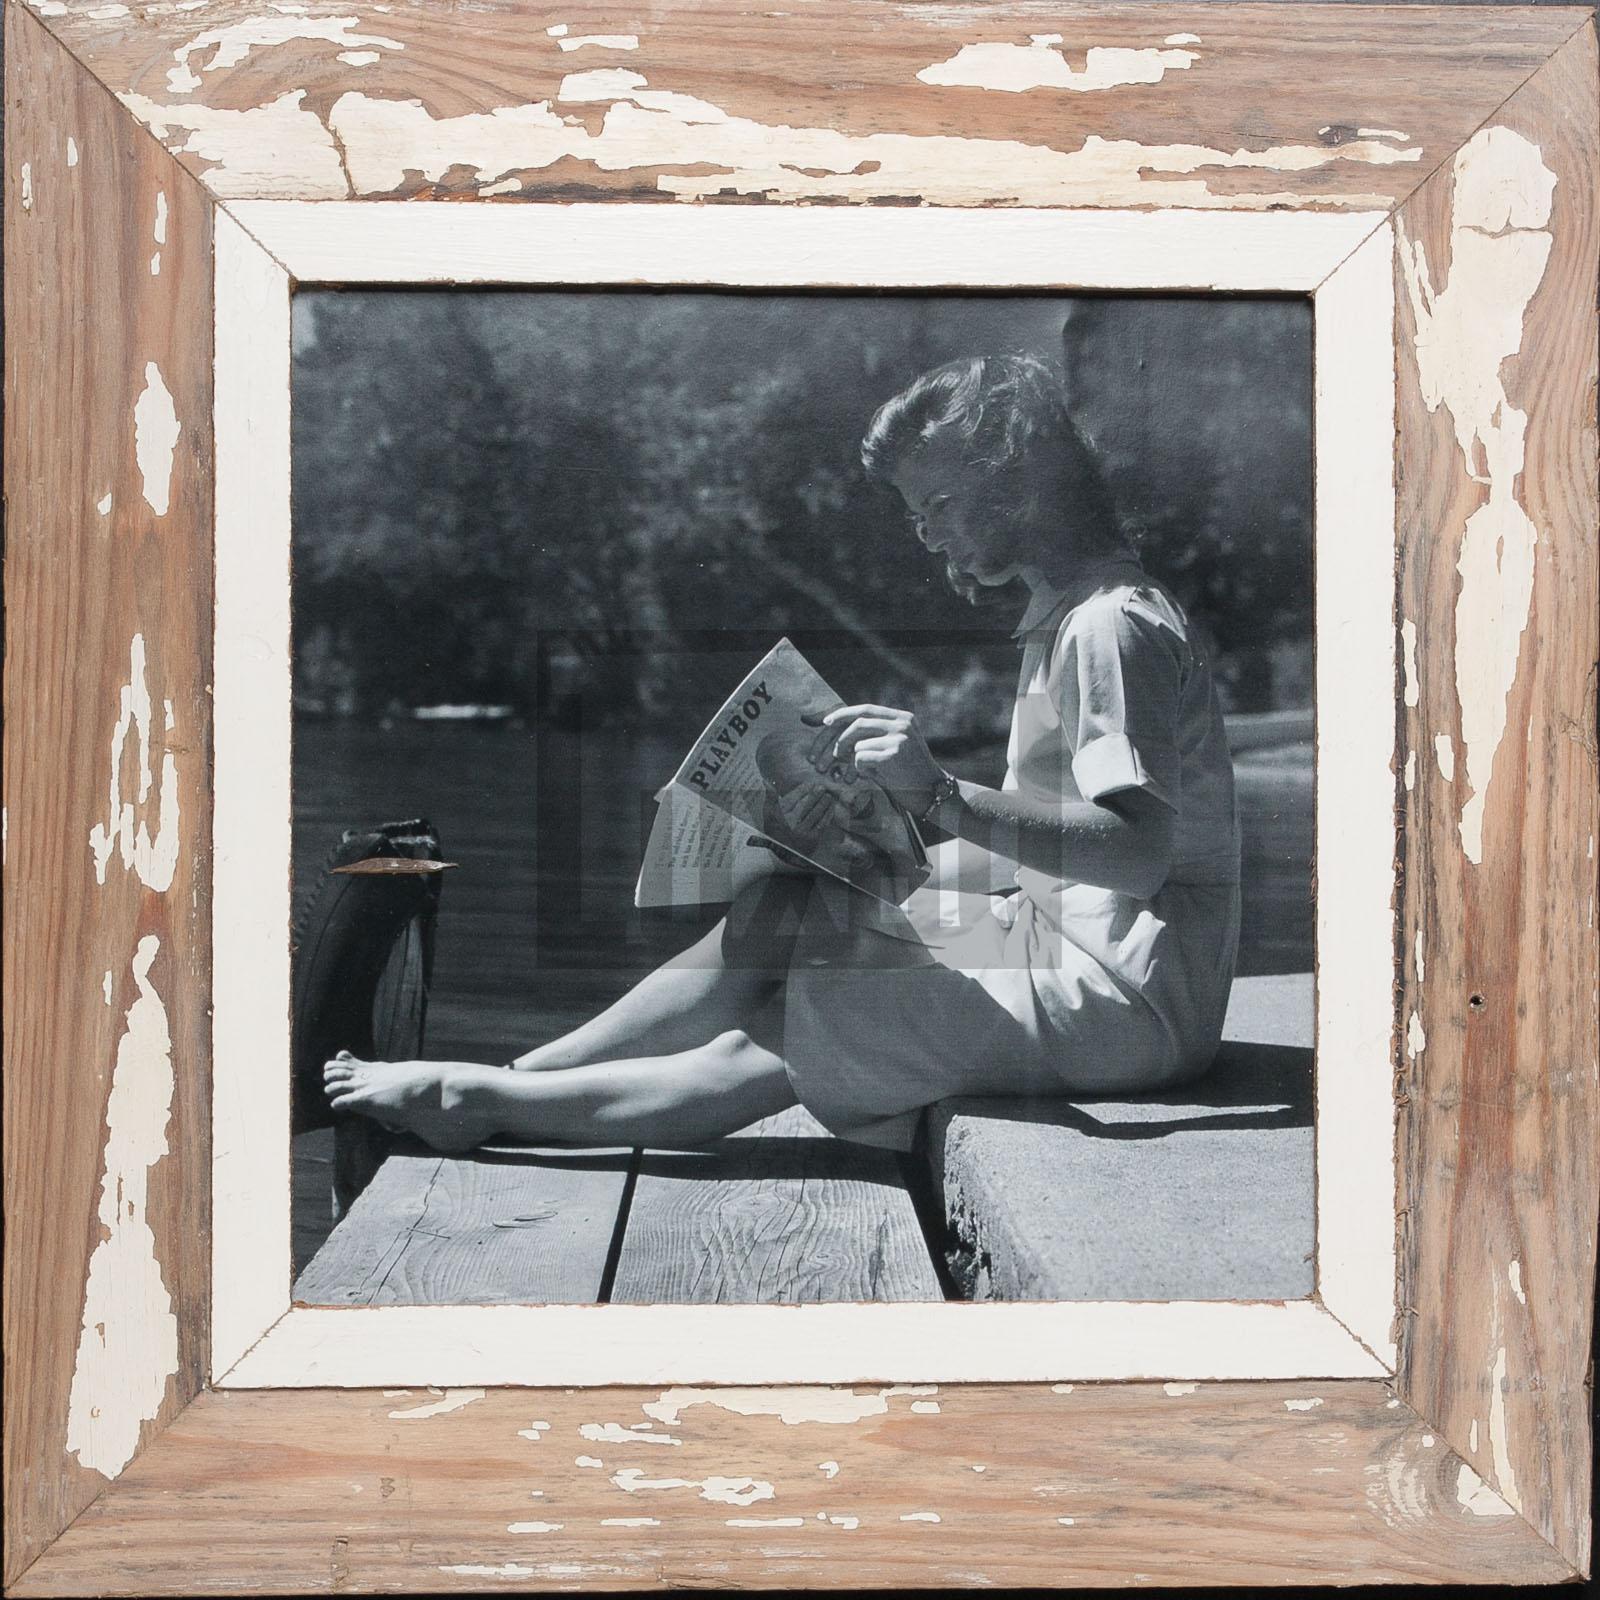 Quadratischer Bilderrahmen aus recyceltem Holz für quadratische 29,7 x 29,7 cm